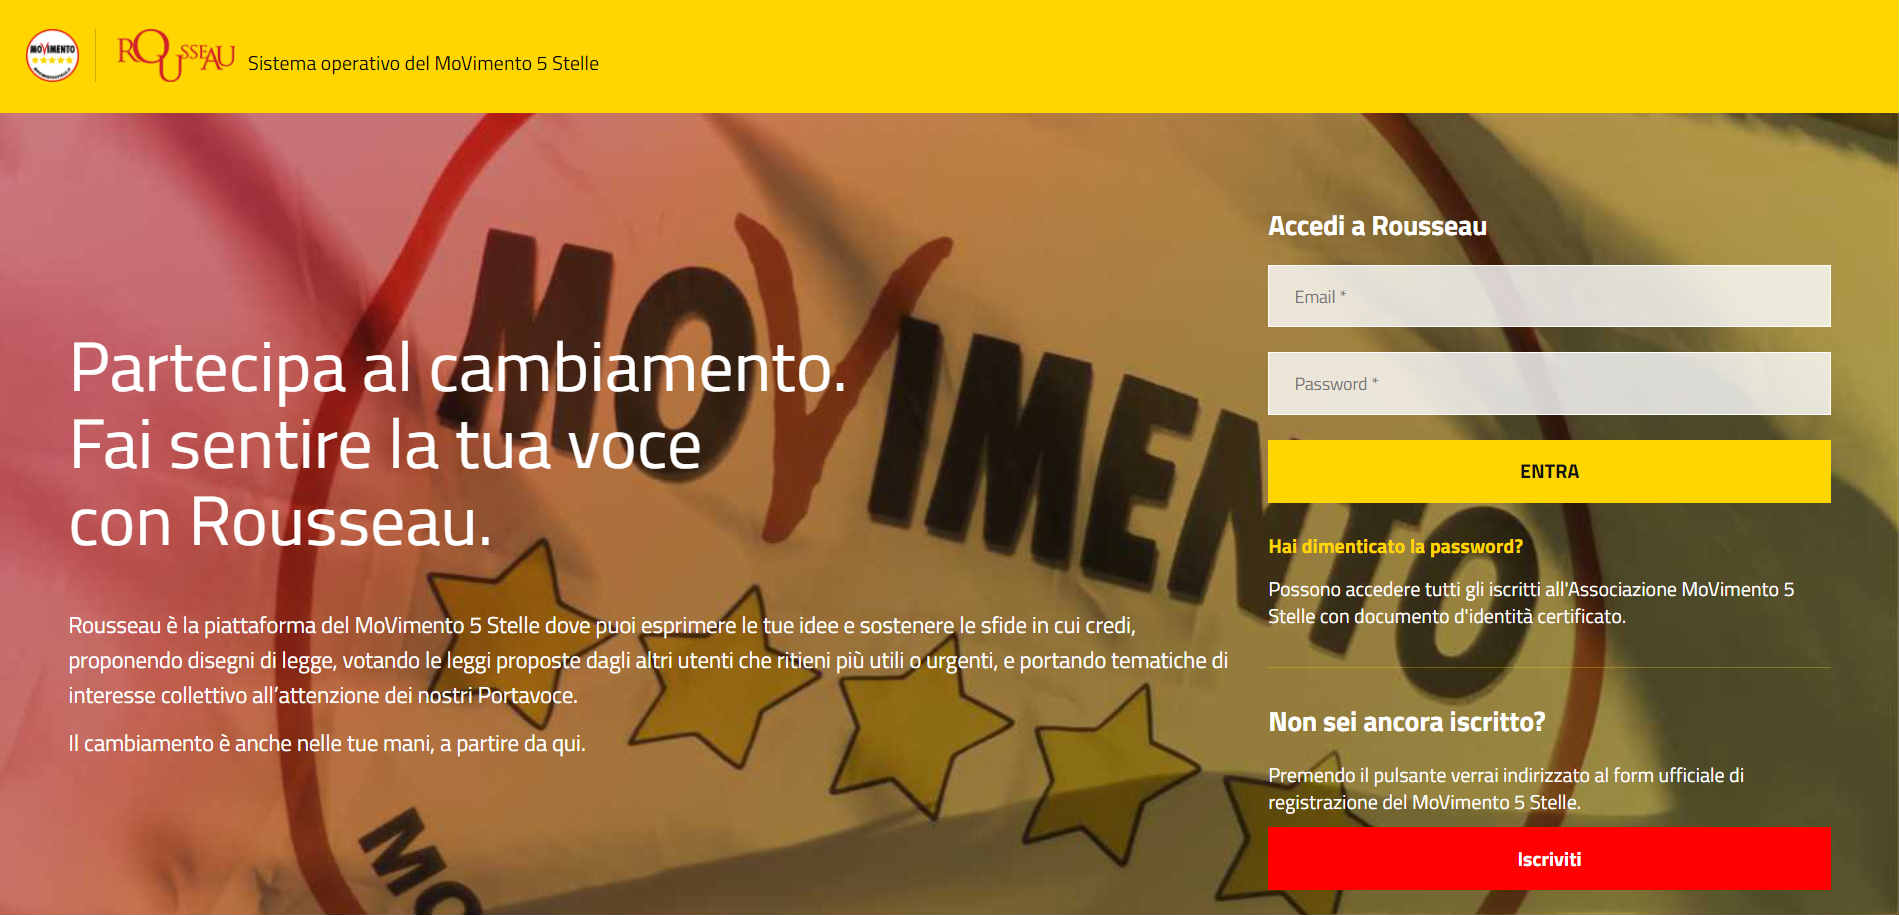 Parlamentarie 5 stelle: aumentano i dubbi sulle votazioni tramite la piattaforma Rousseau